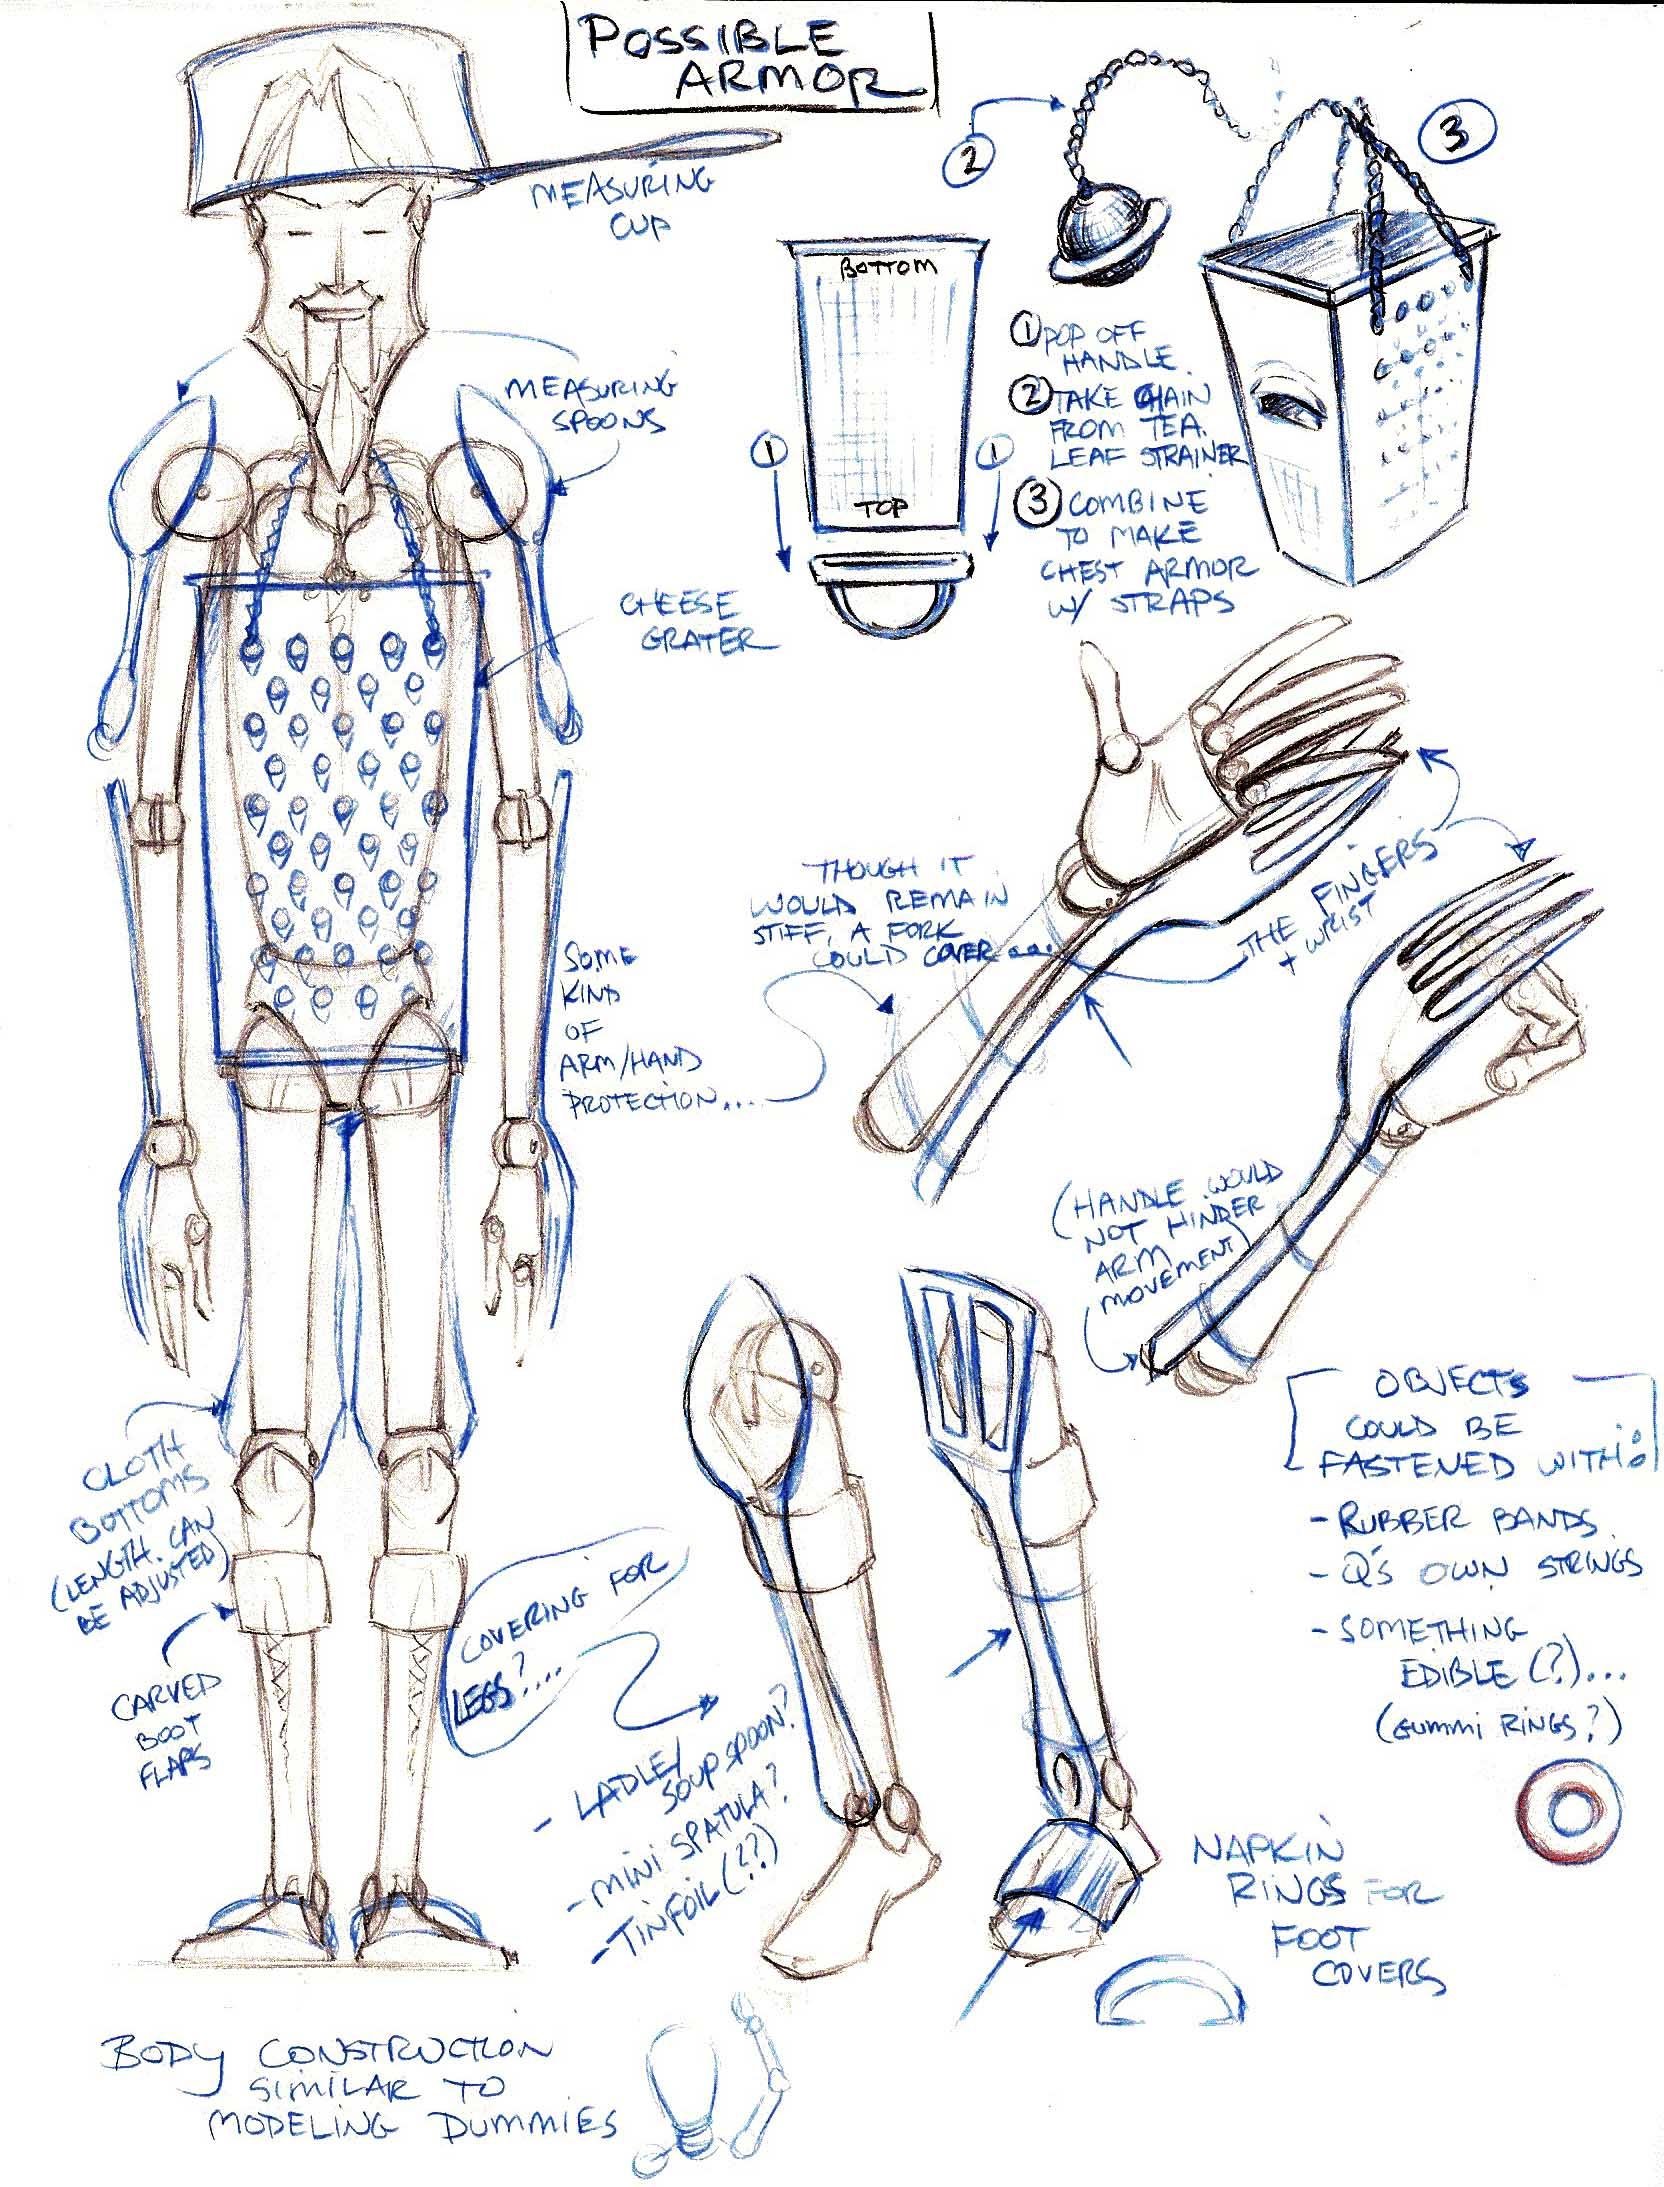 Q Concepts (1) - Kipp T. Jarden